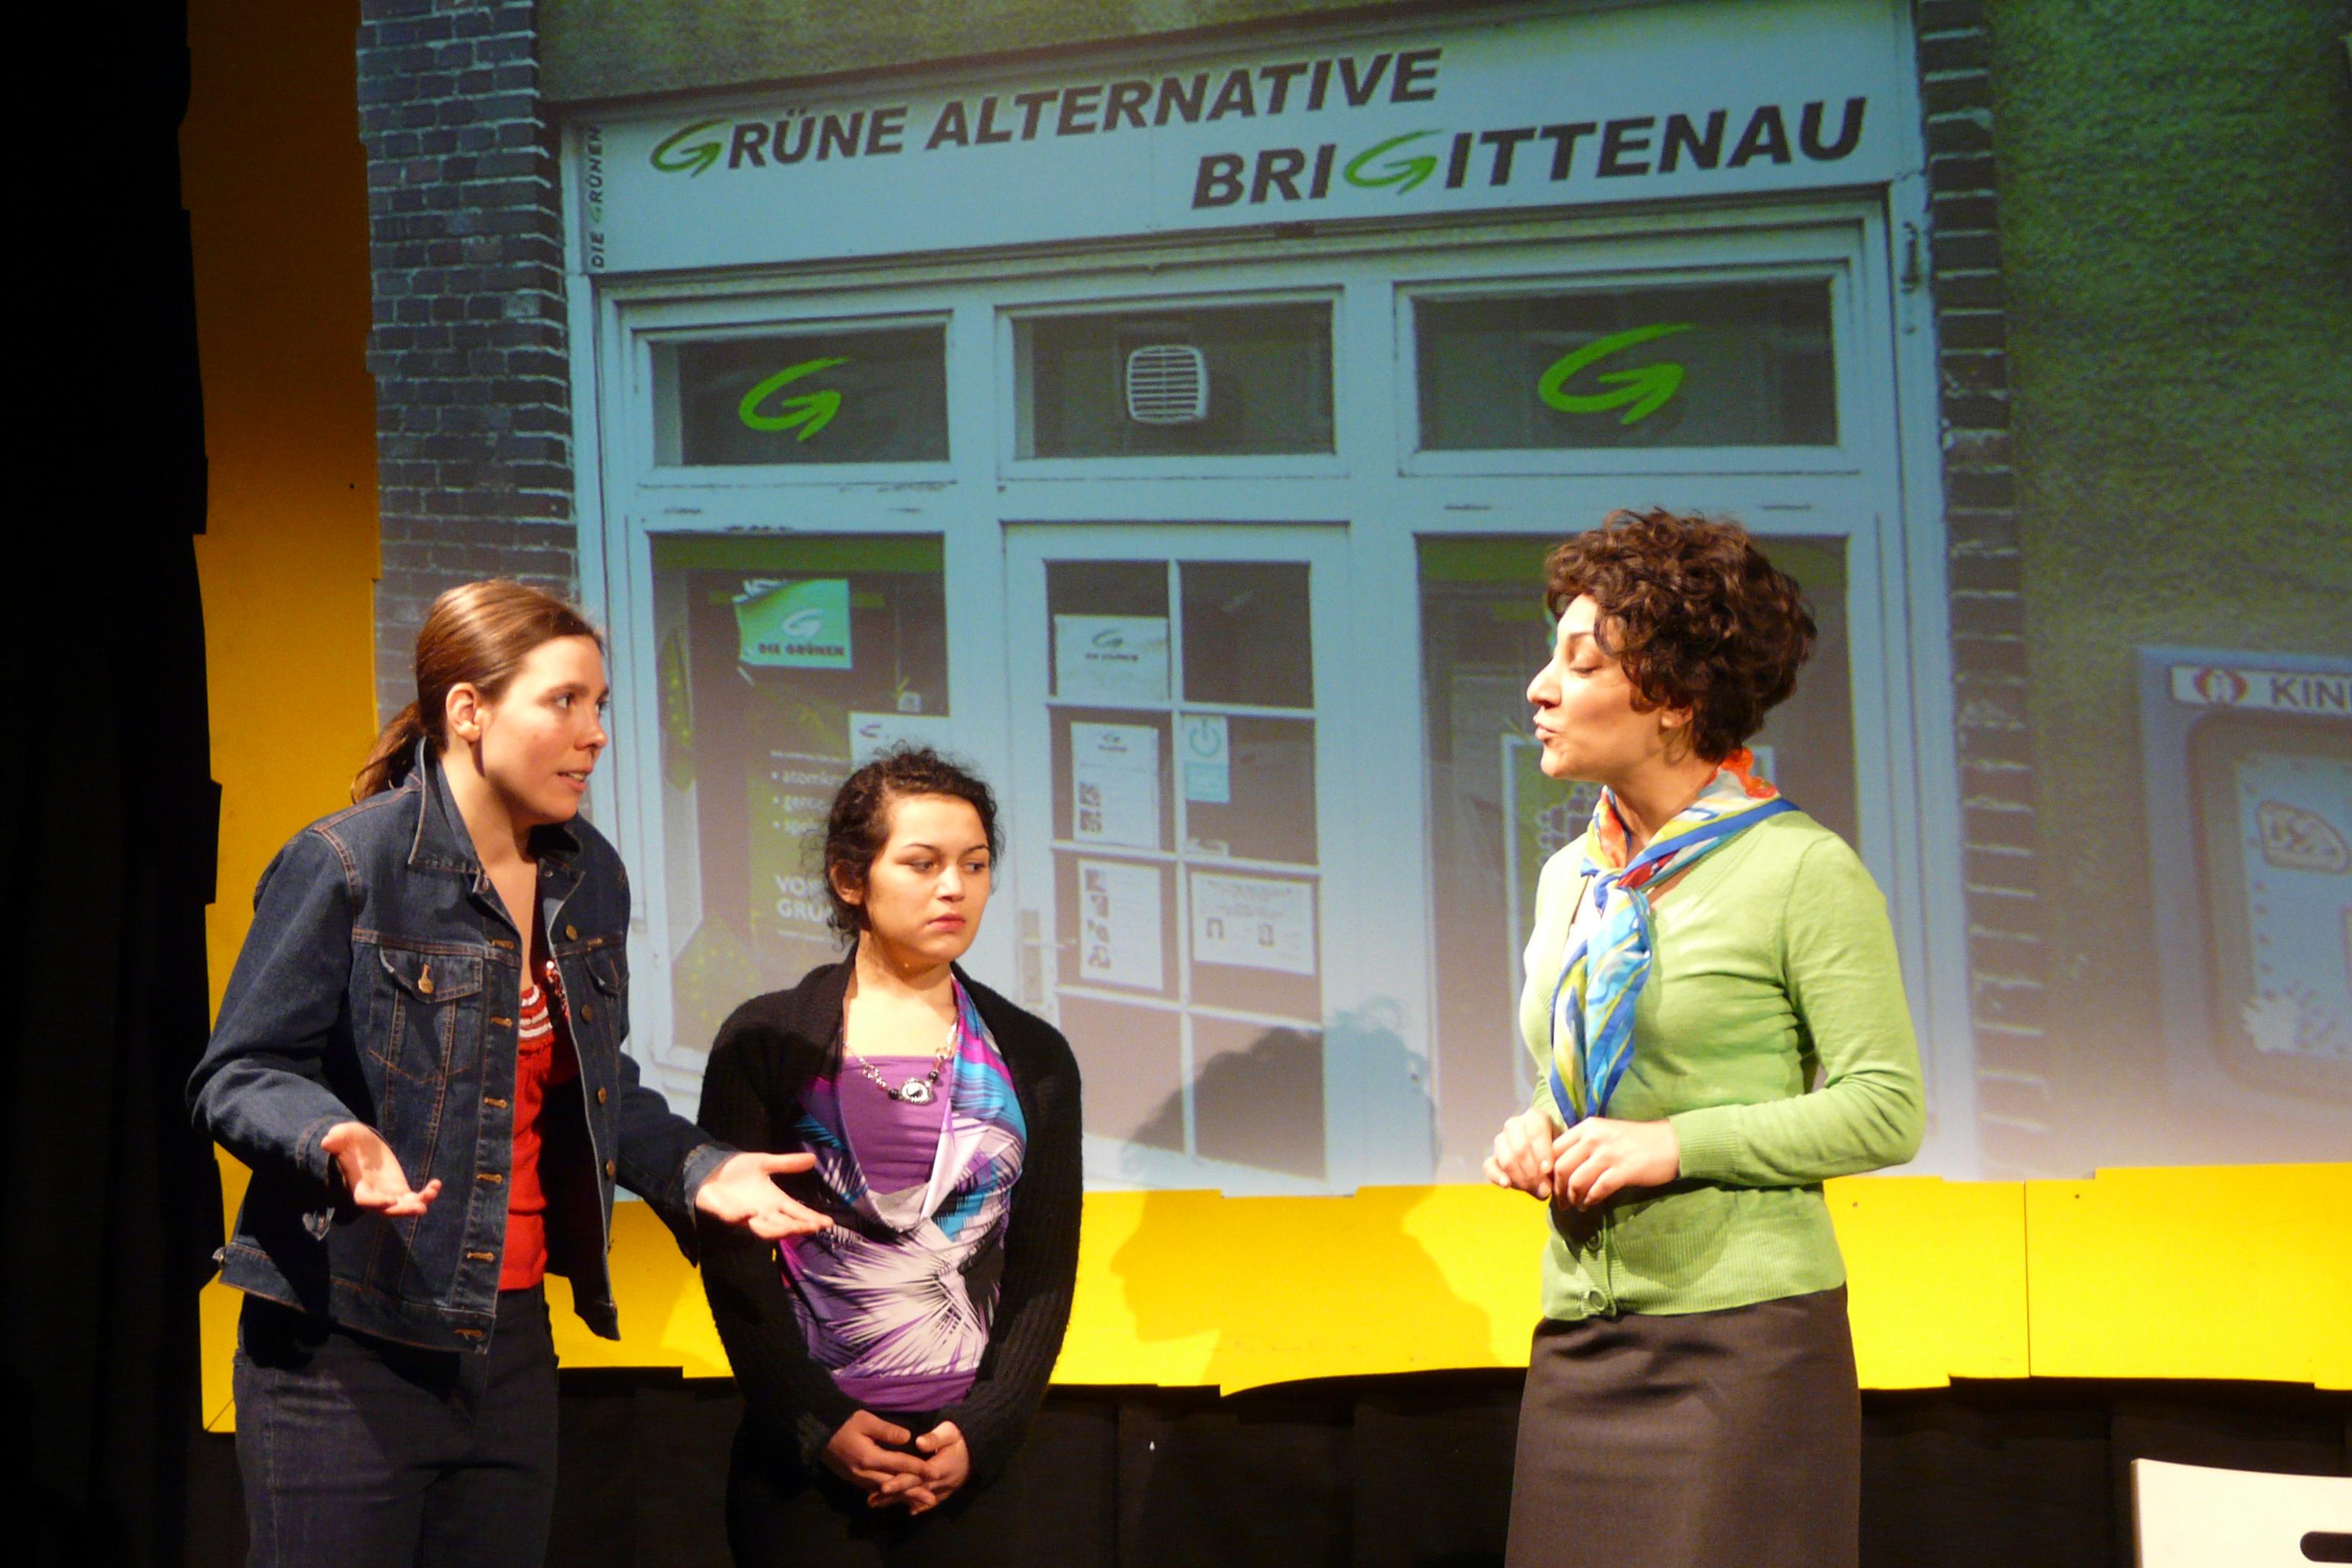 Cennet und Jasna besuchen Alev Gürün, Die Grünen Brigittenau